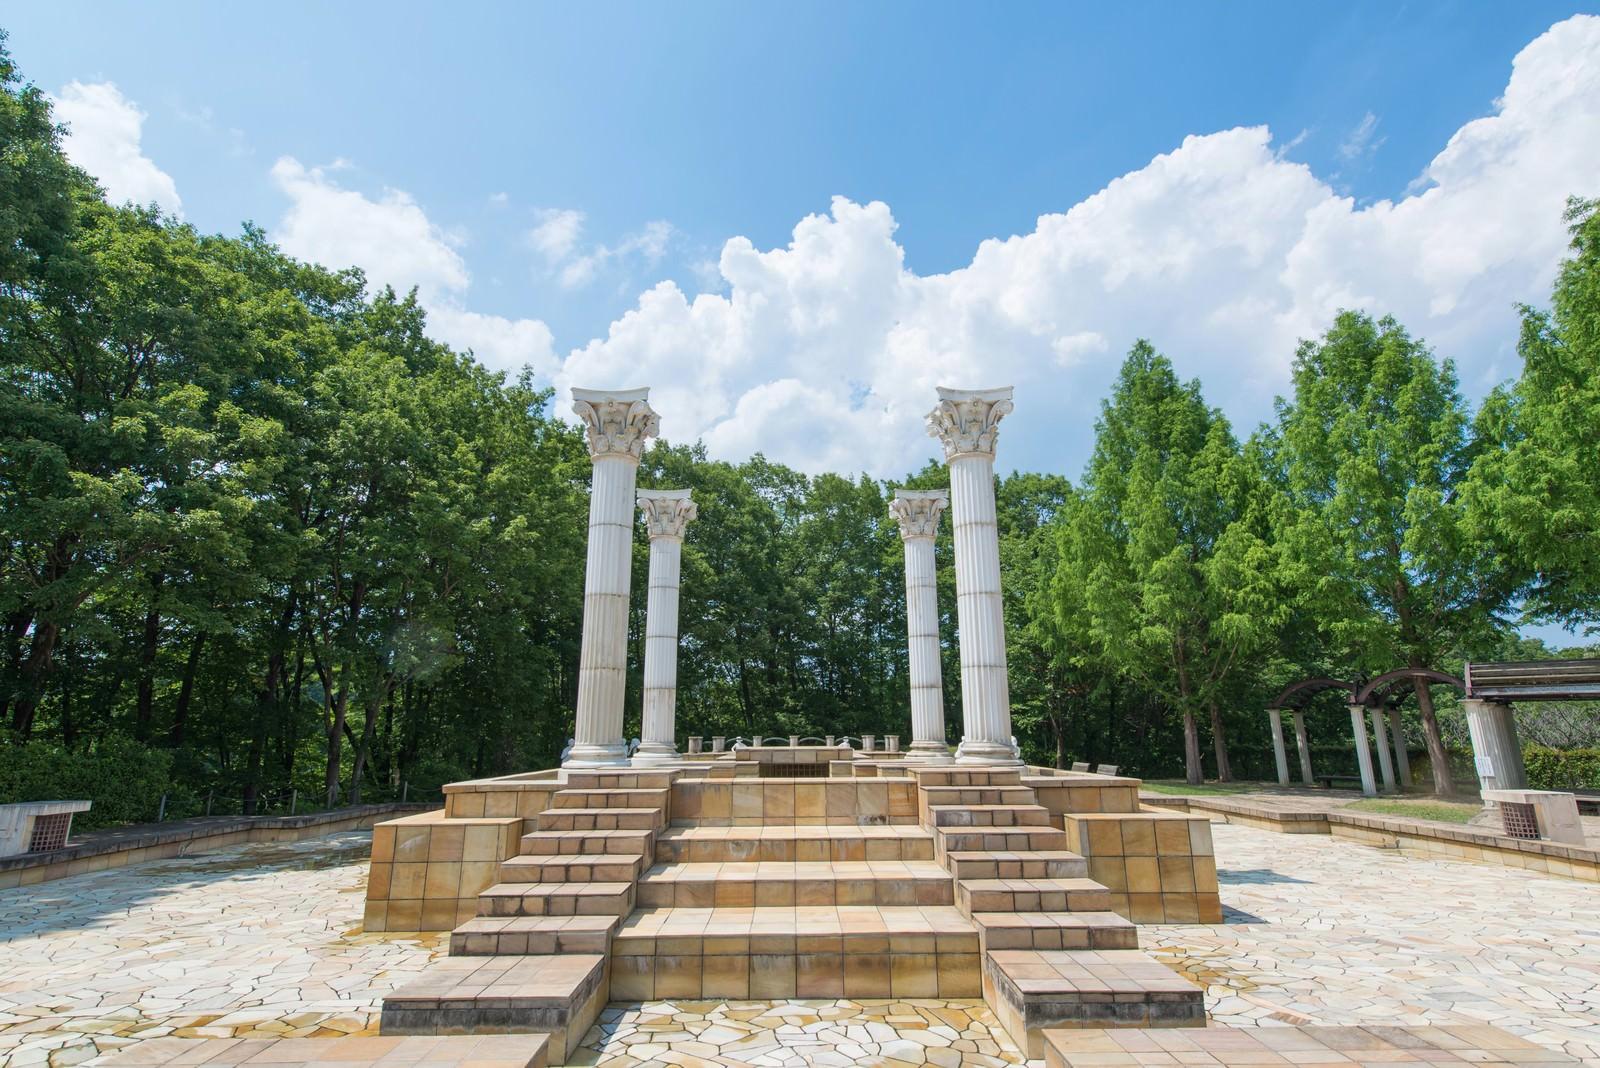 「公園内にある神殿のようなオブジェ」の写真